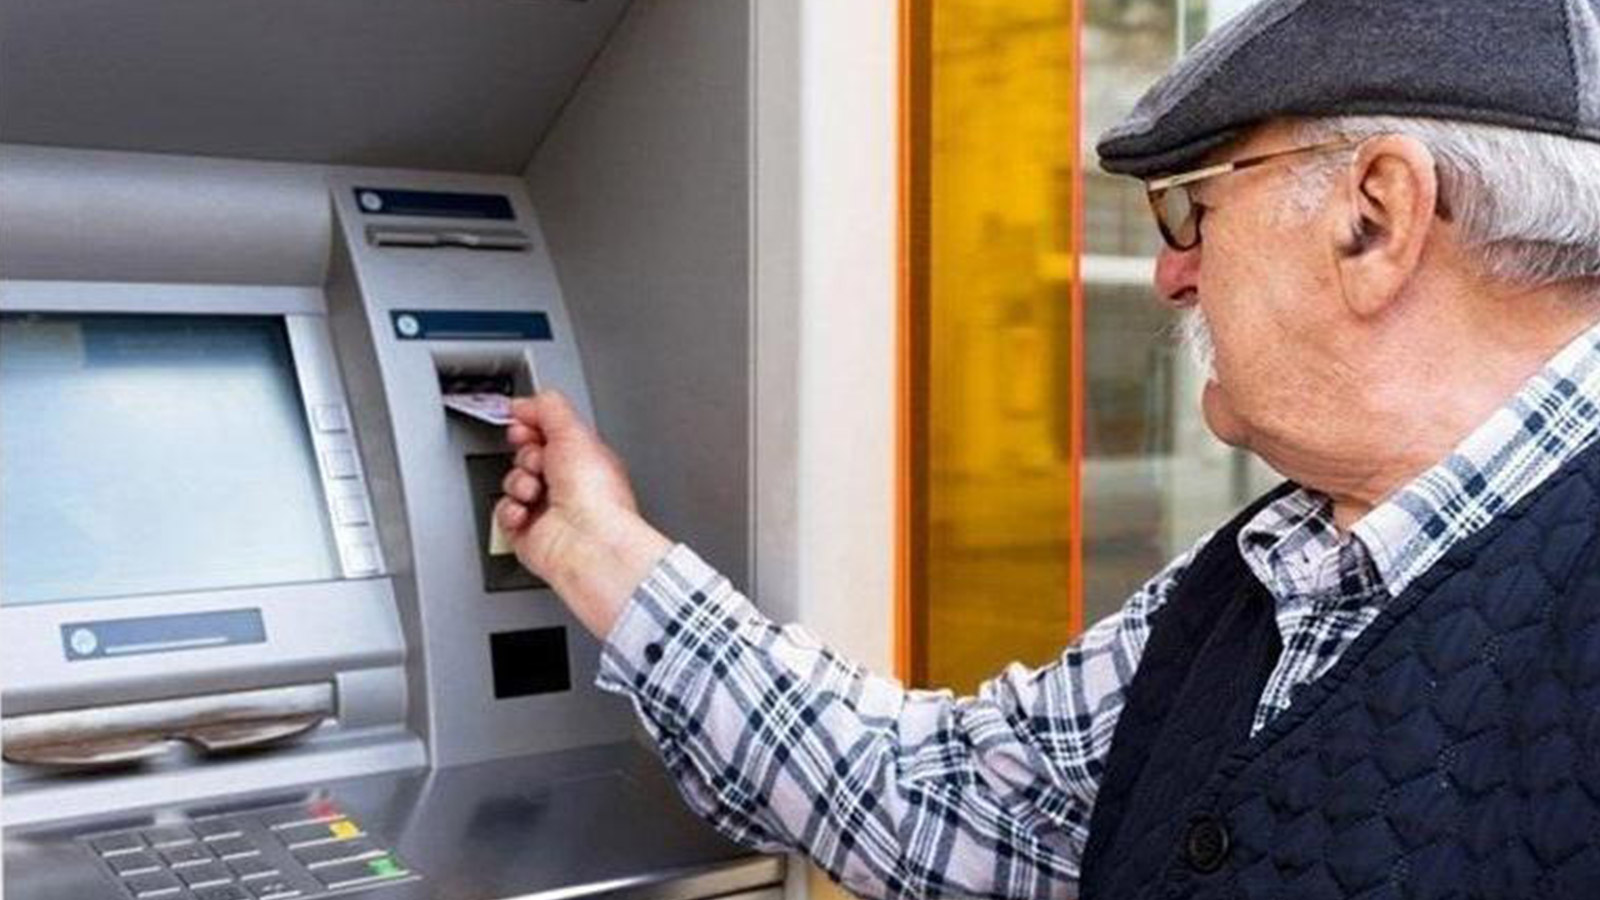 Emekli ikramiyesi kimlere verilecek? Emekli ikramiyeleri ne kadar olacak?